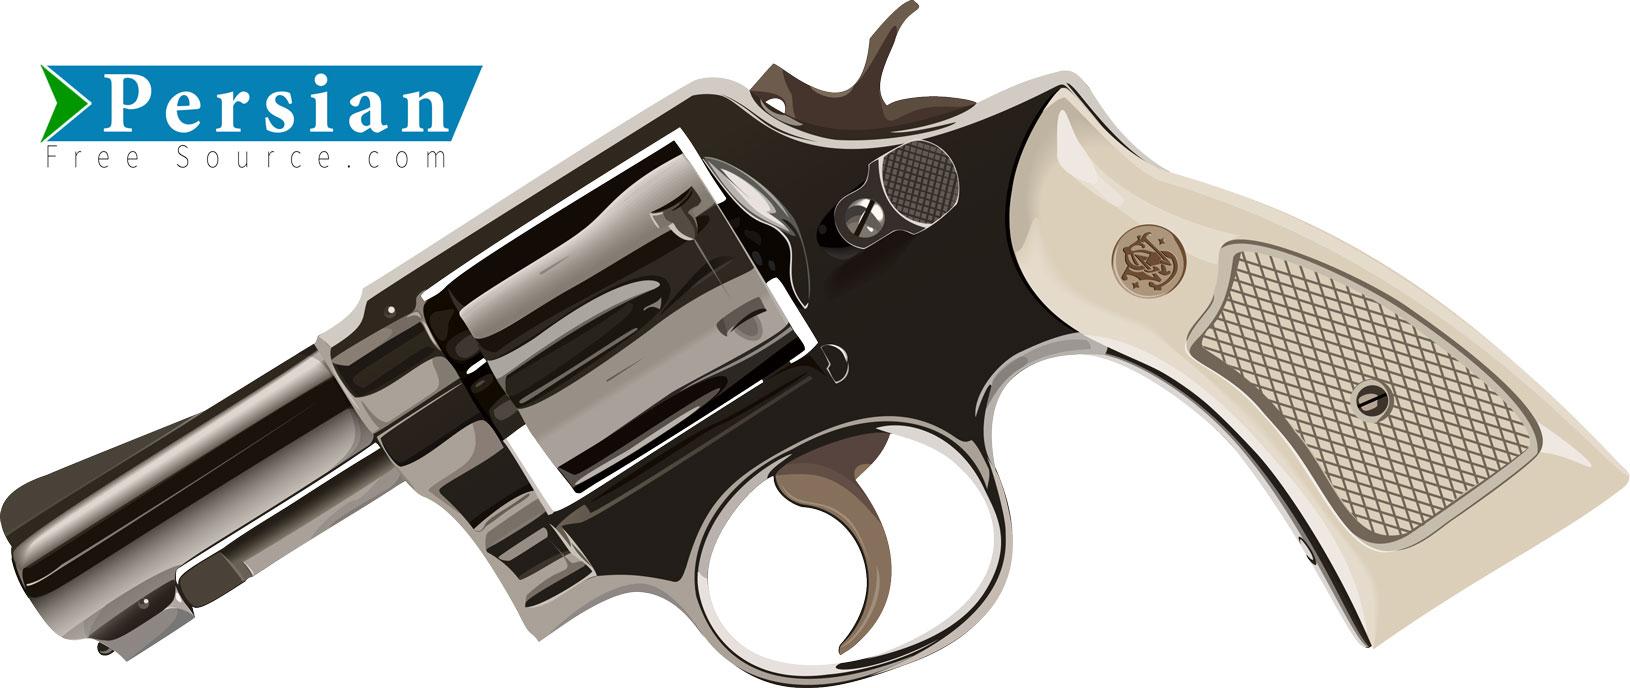 دانلود وکتور لایه باز اسلحه